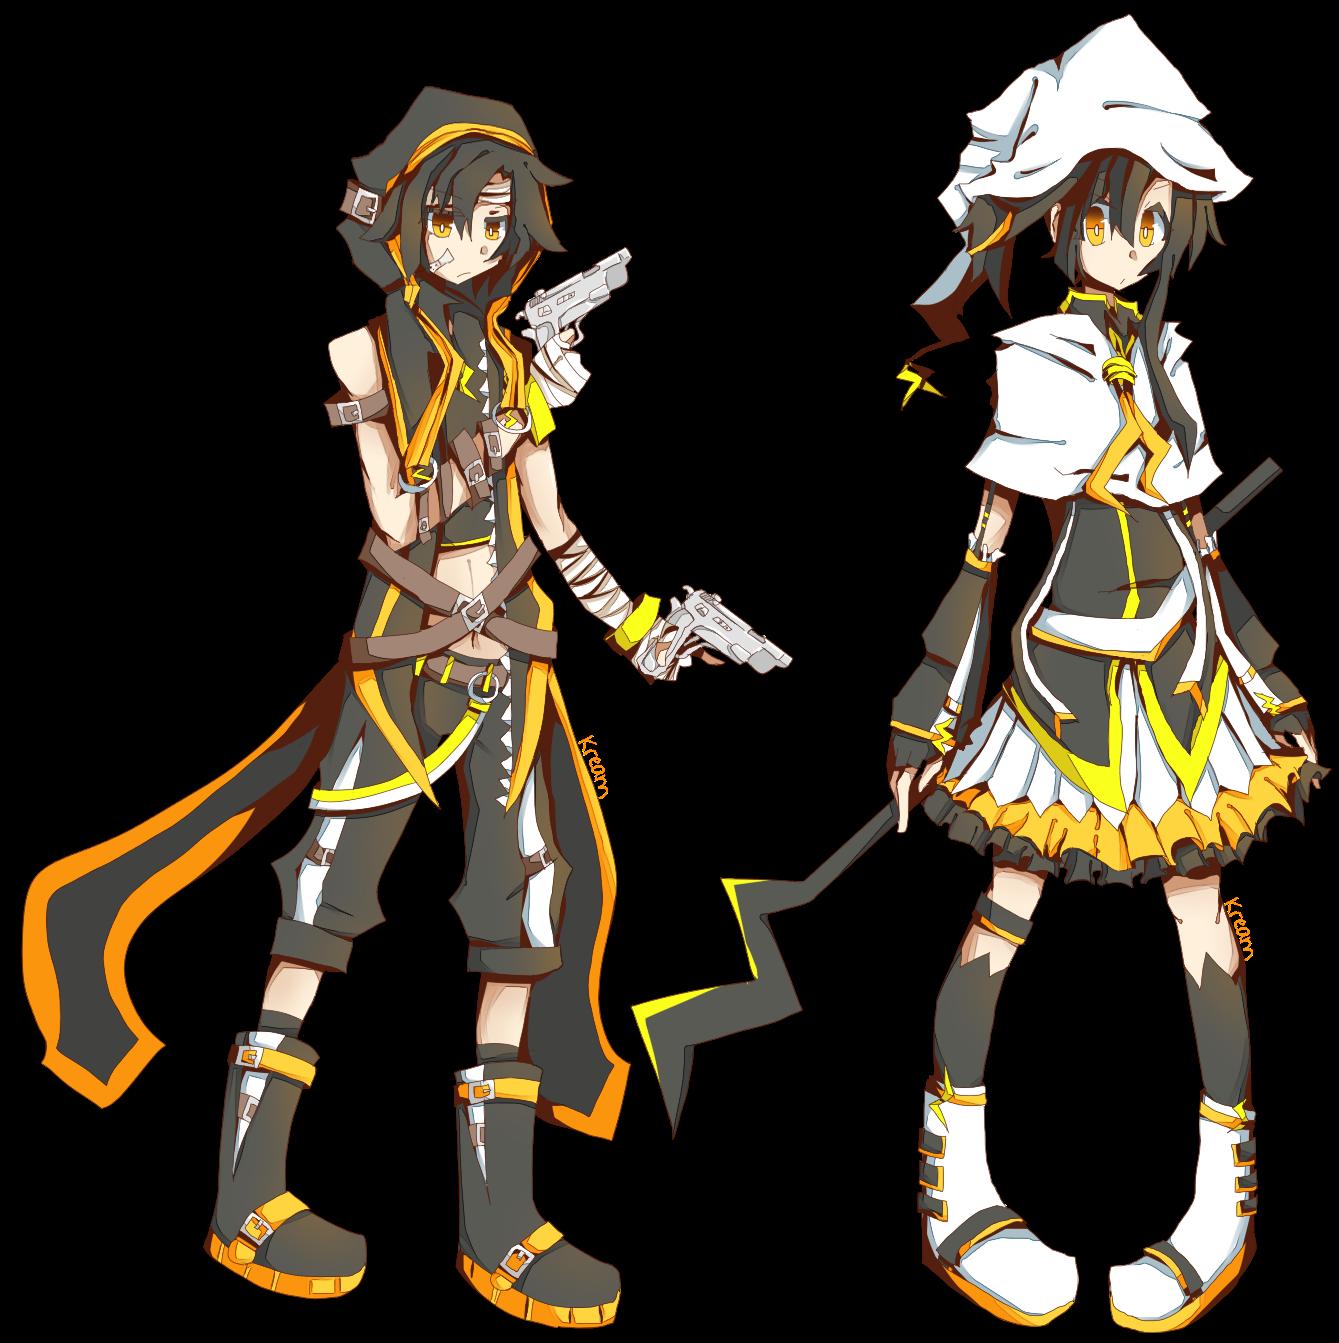 RPG Style - Raine Reizo/Raine Rena by Kream-Cheese